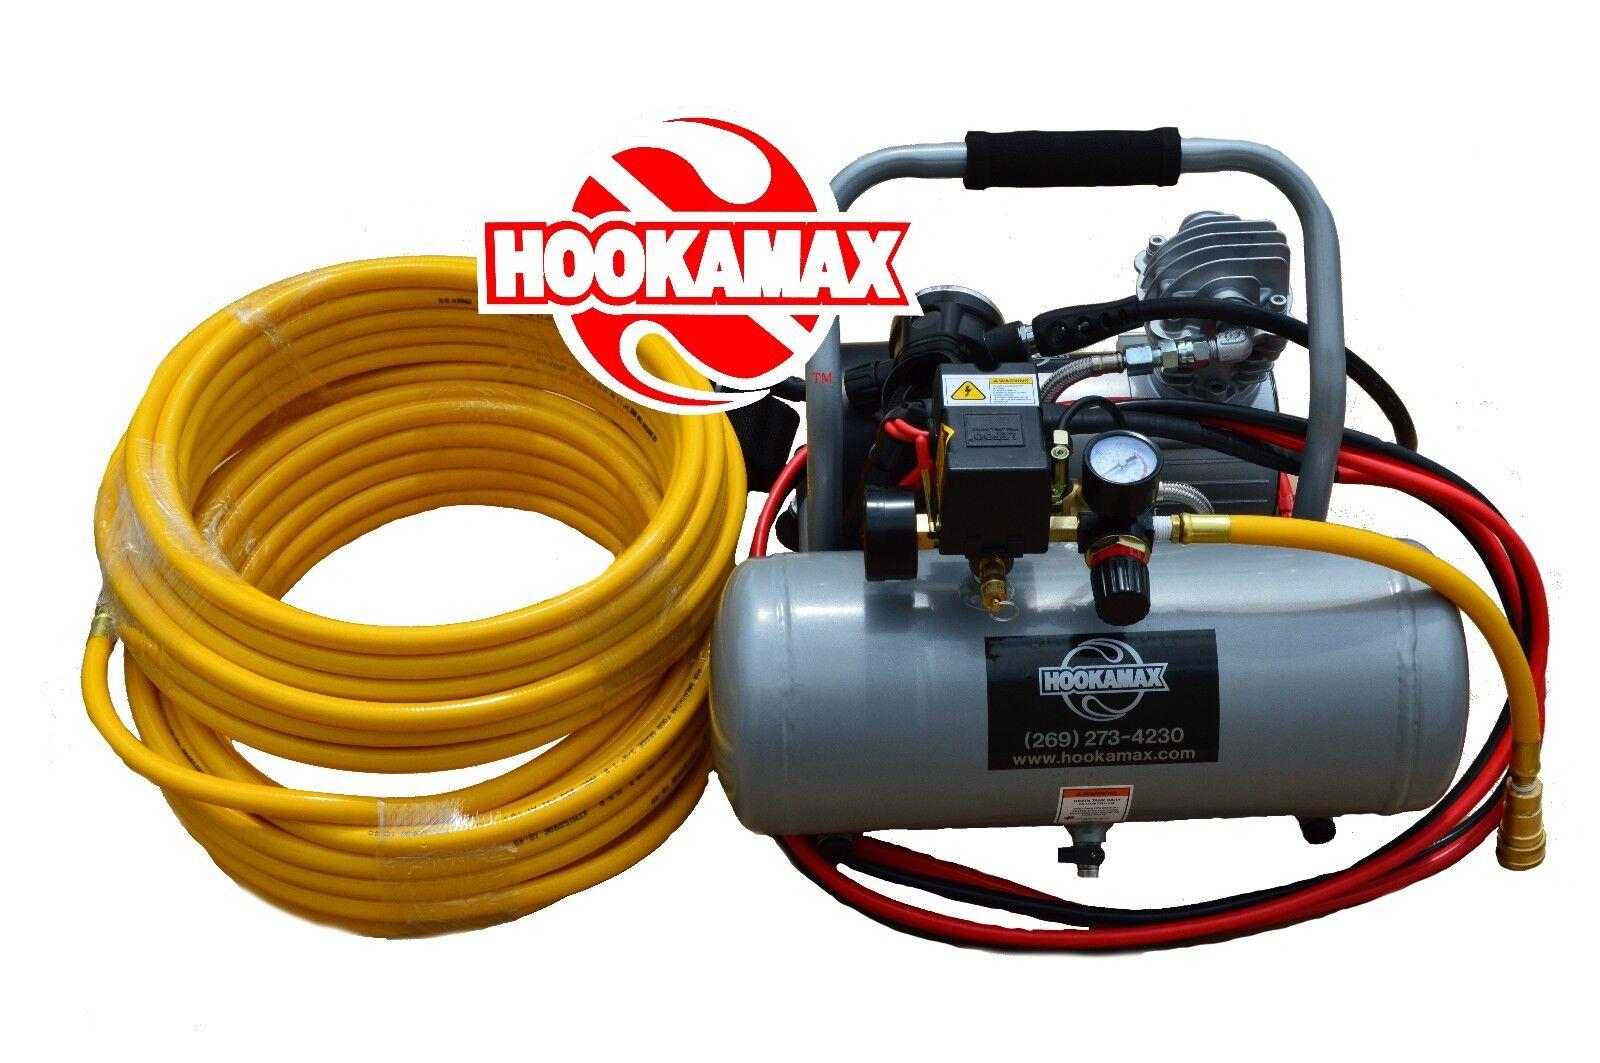 Hookamax Aluminum 12v (Battery) Hookah diving hookah with a single 100 ft hose